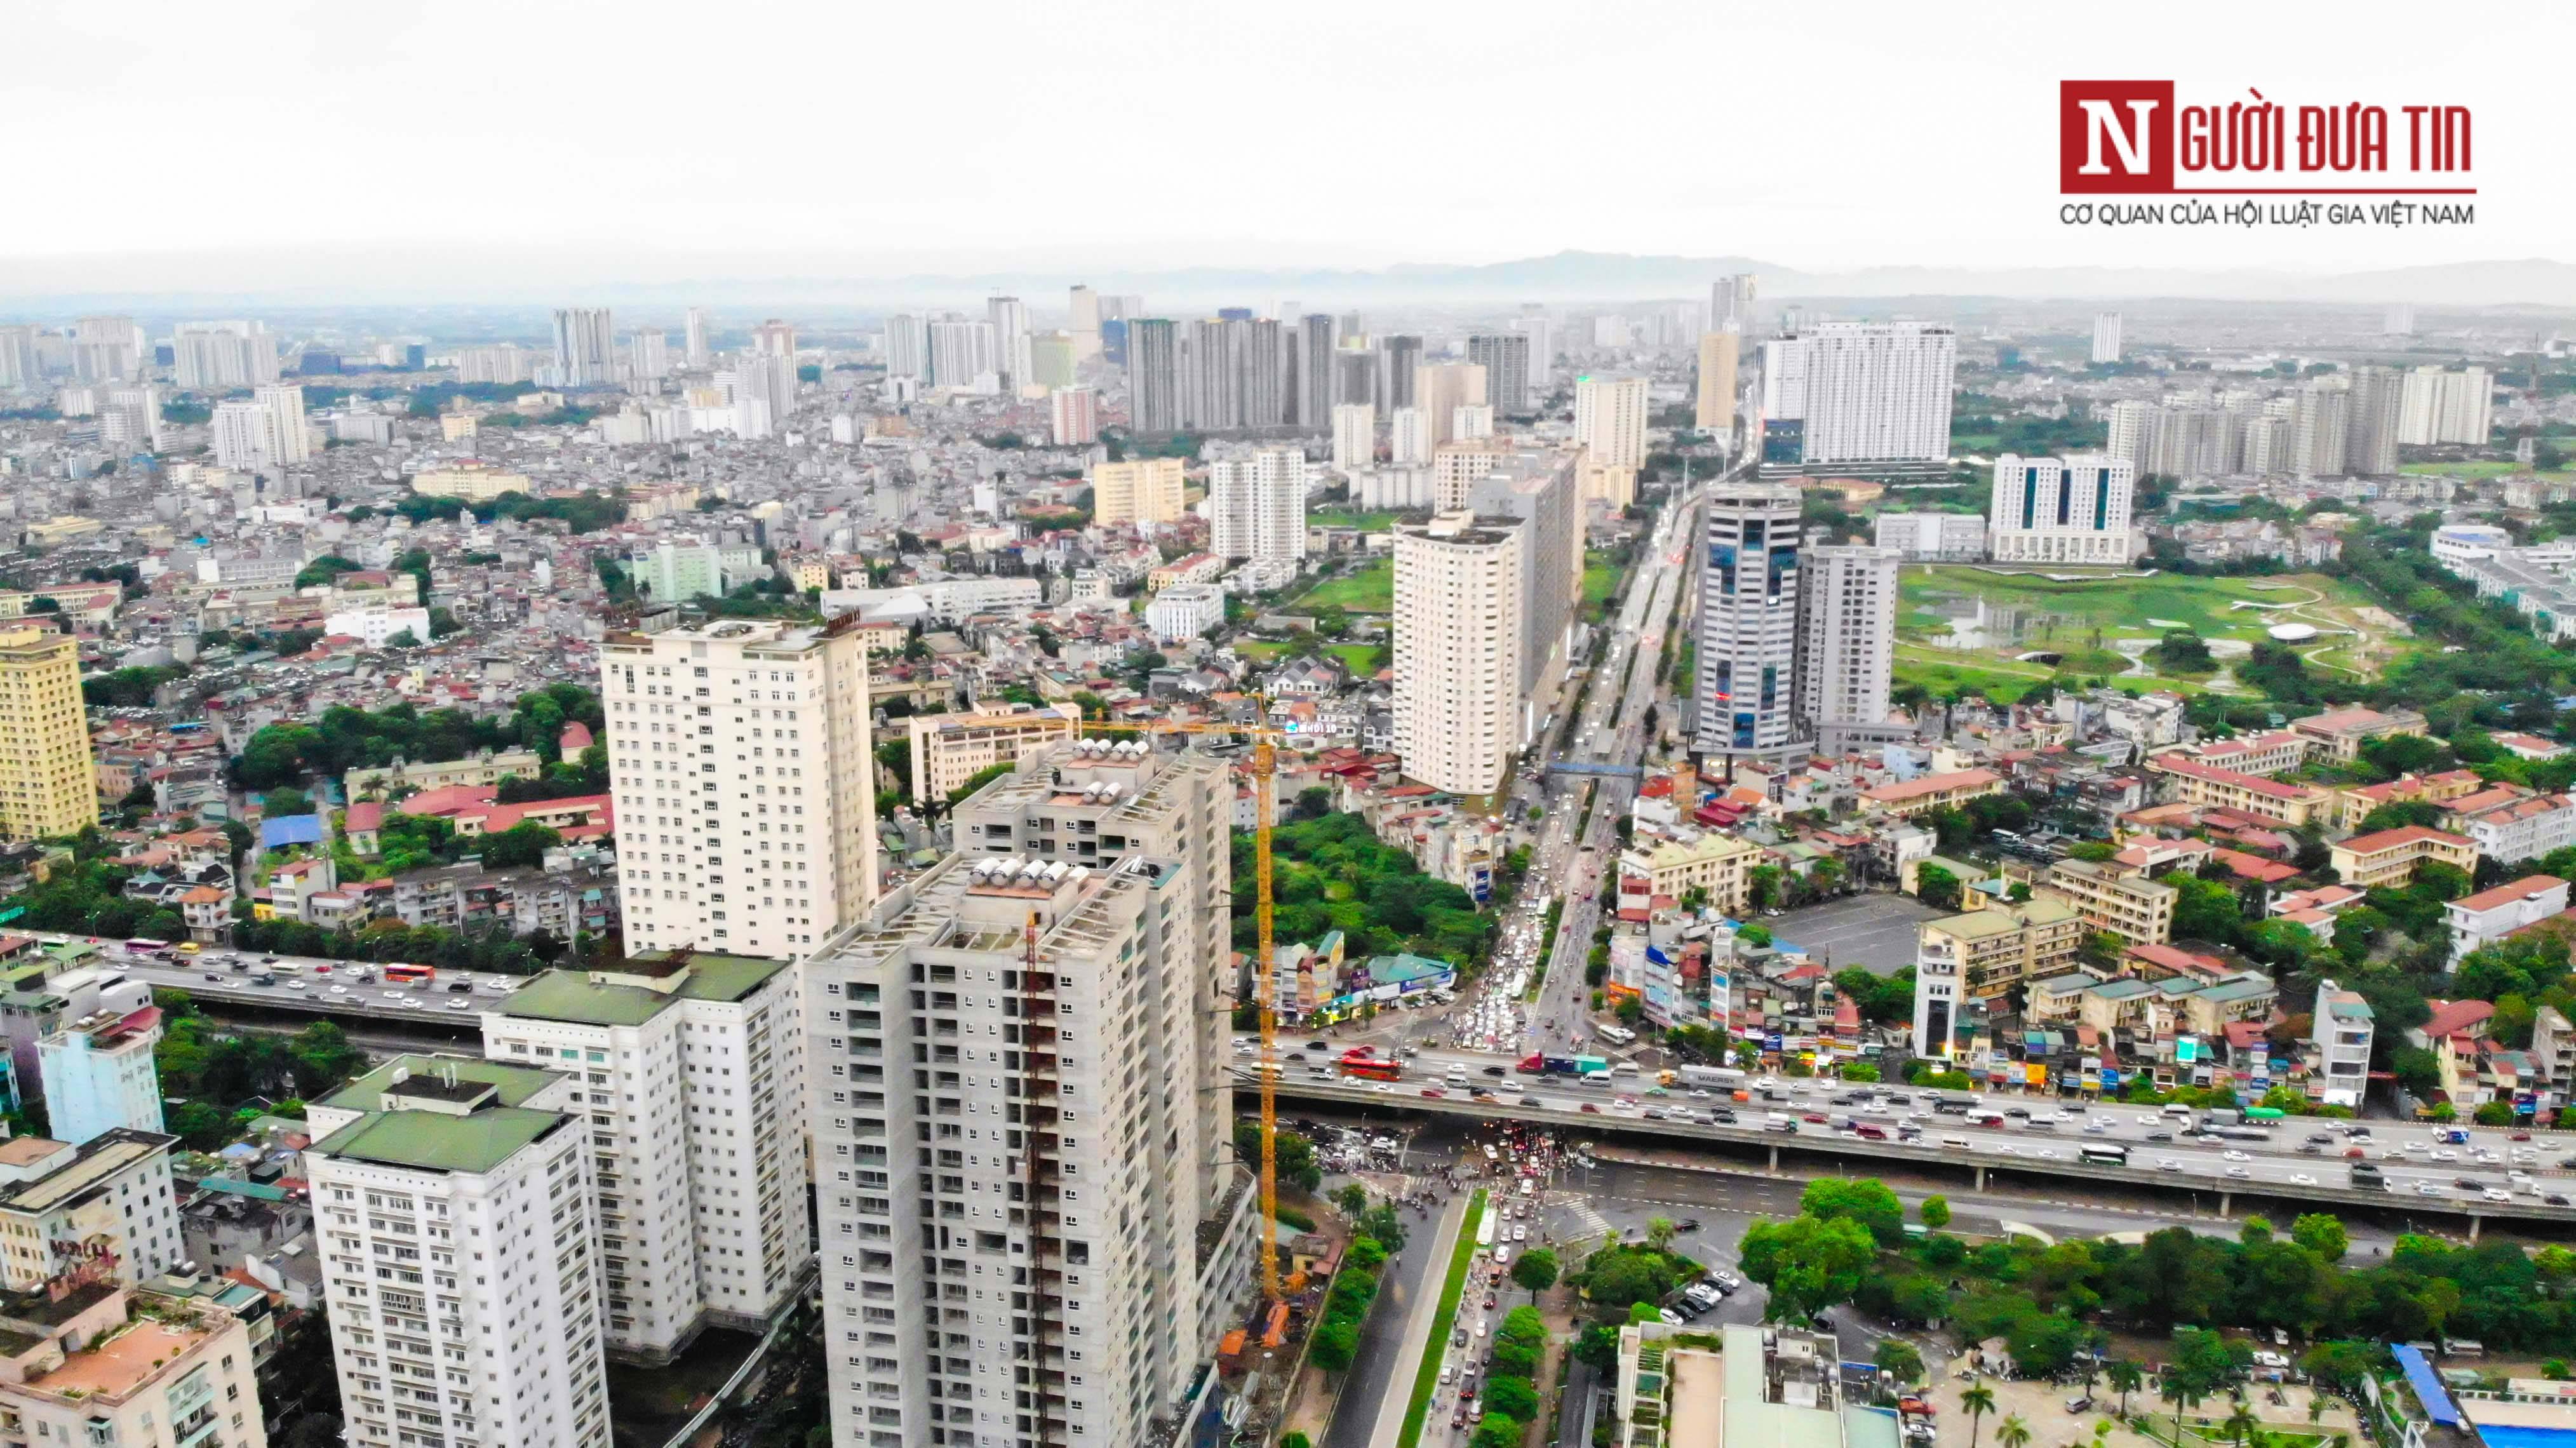 Bất động sản - Cận cảnh tuyến đường dài 2km cõng tới 40 toà nhà cao ốc tại Thủ đô